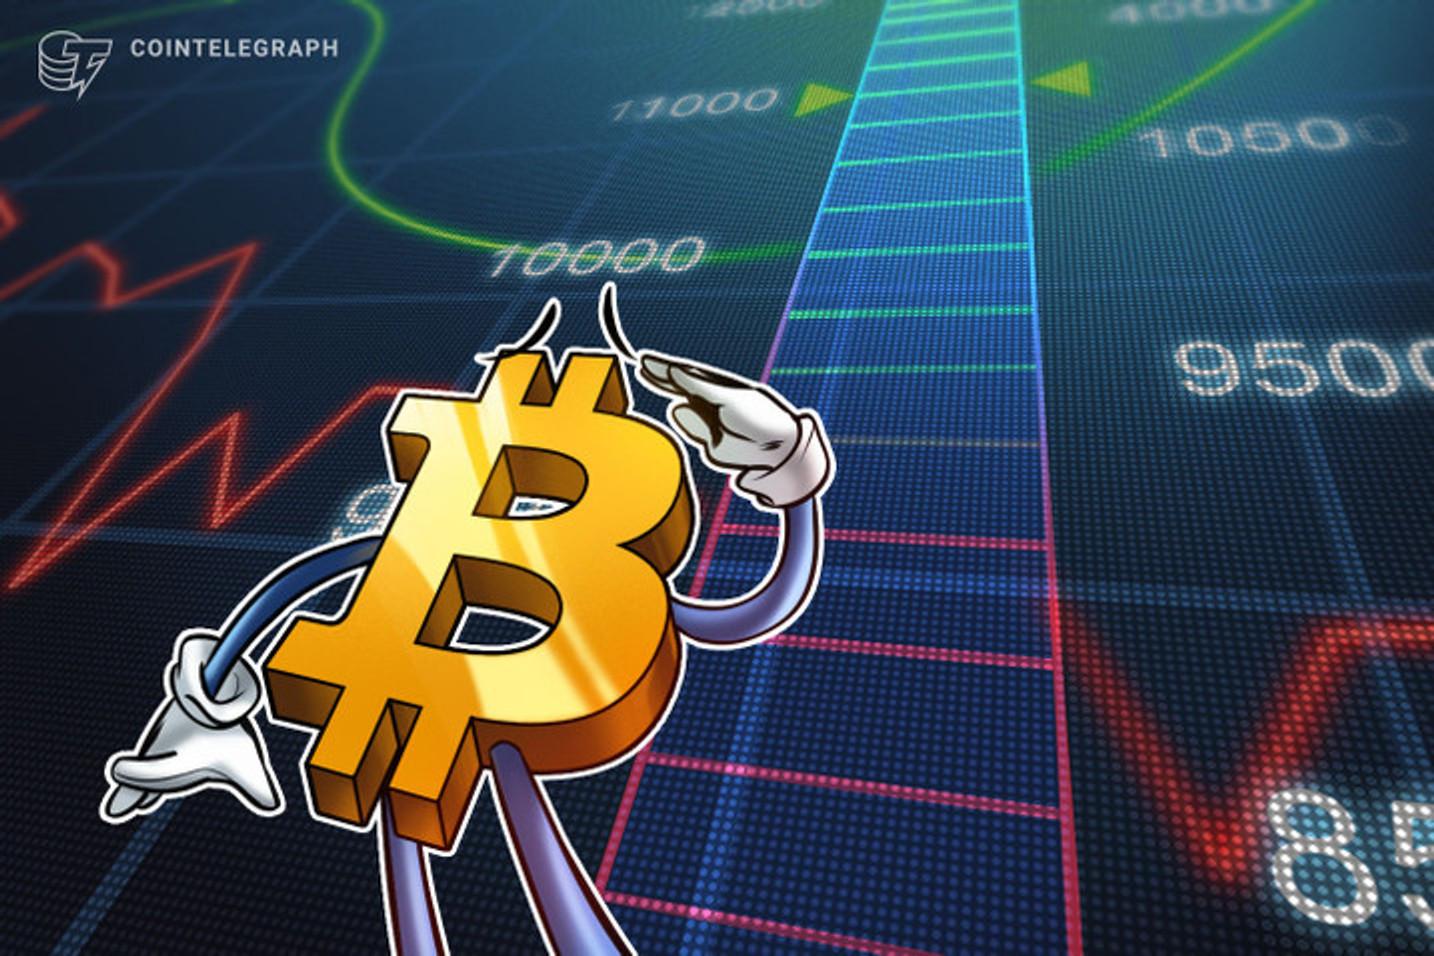 Un análisis técnico y fundamental del precio de Bitcoin y otras criptomonedas será llevado a cabo en encuentro digital